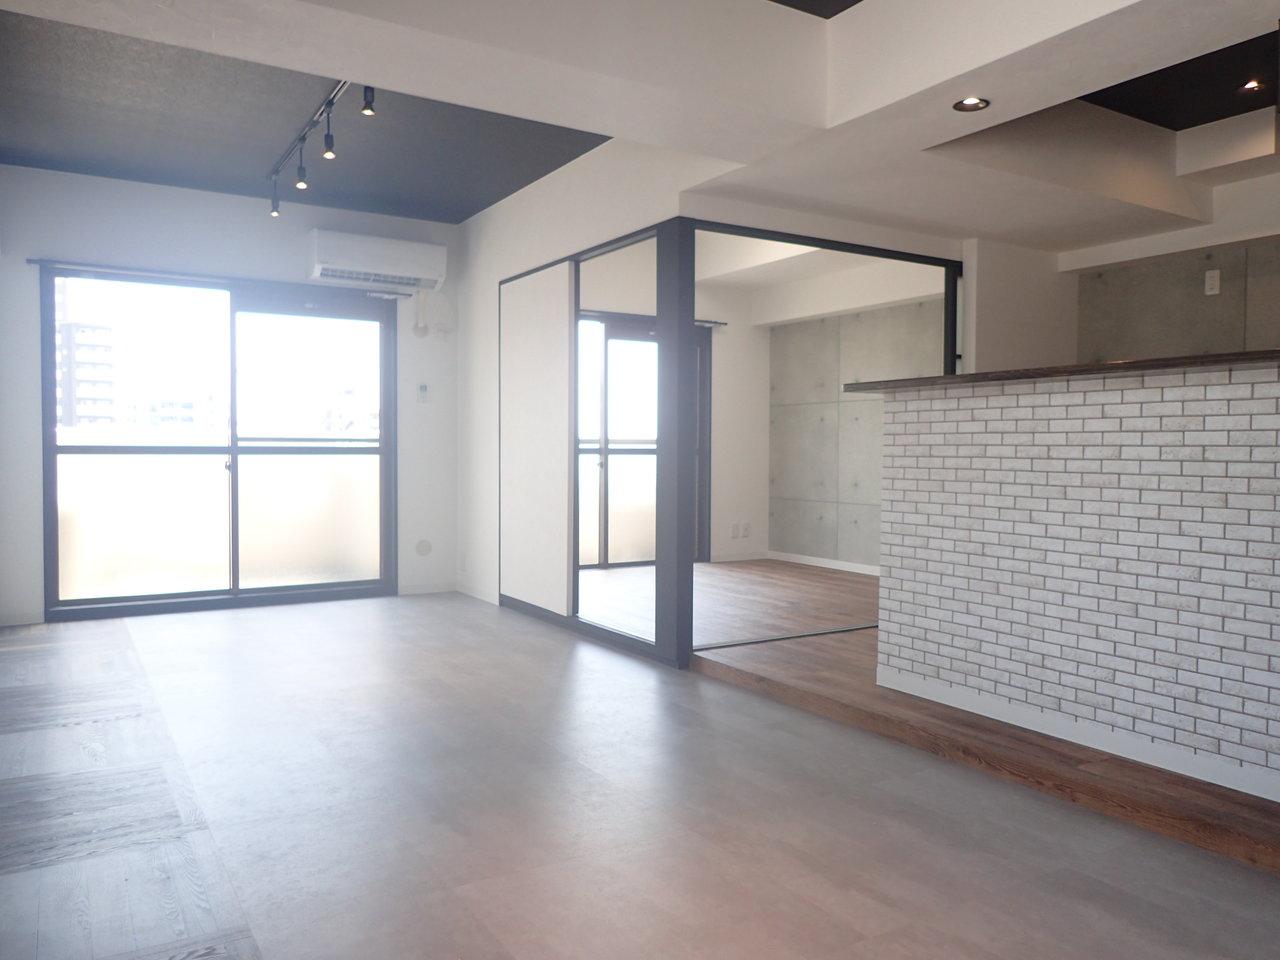 洋室は4.5畳なので、ふたり暮らしのときはベッドサイズにご注意を。でもこの黒のスライドドアもなかなか賃貸物件ではみられないですよね。とってもおしゃれ。開け放しにしておけば開放感もあっていいかもしれません。